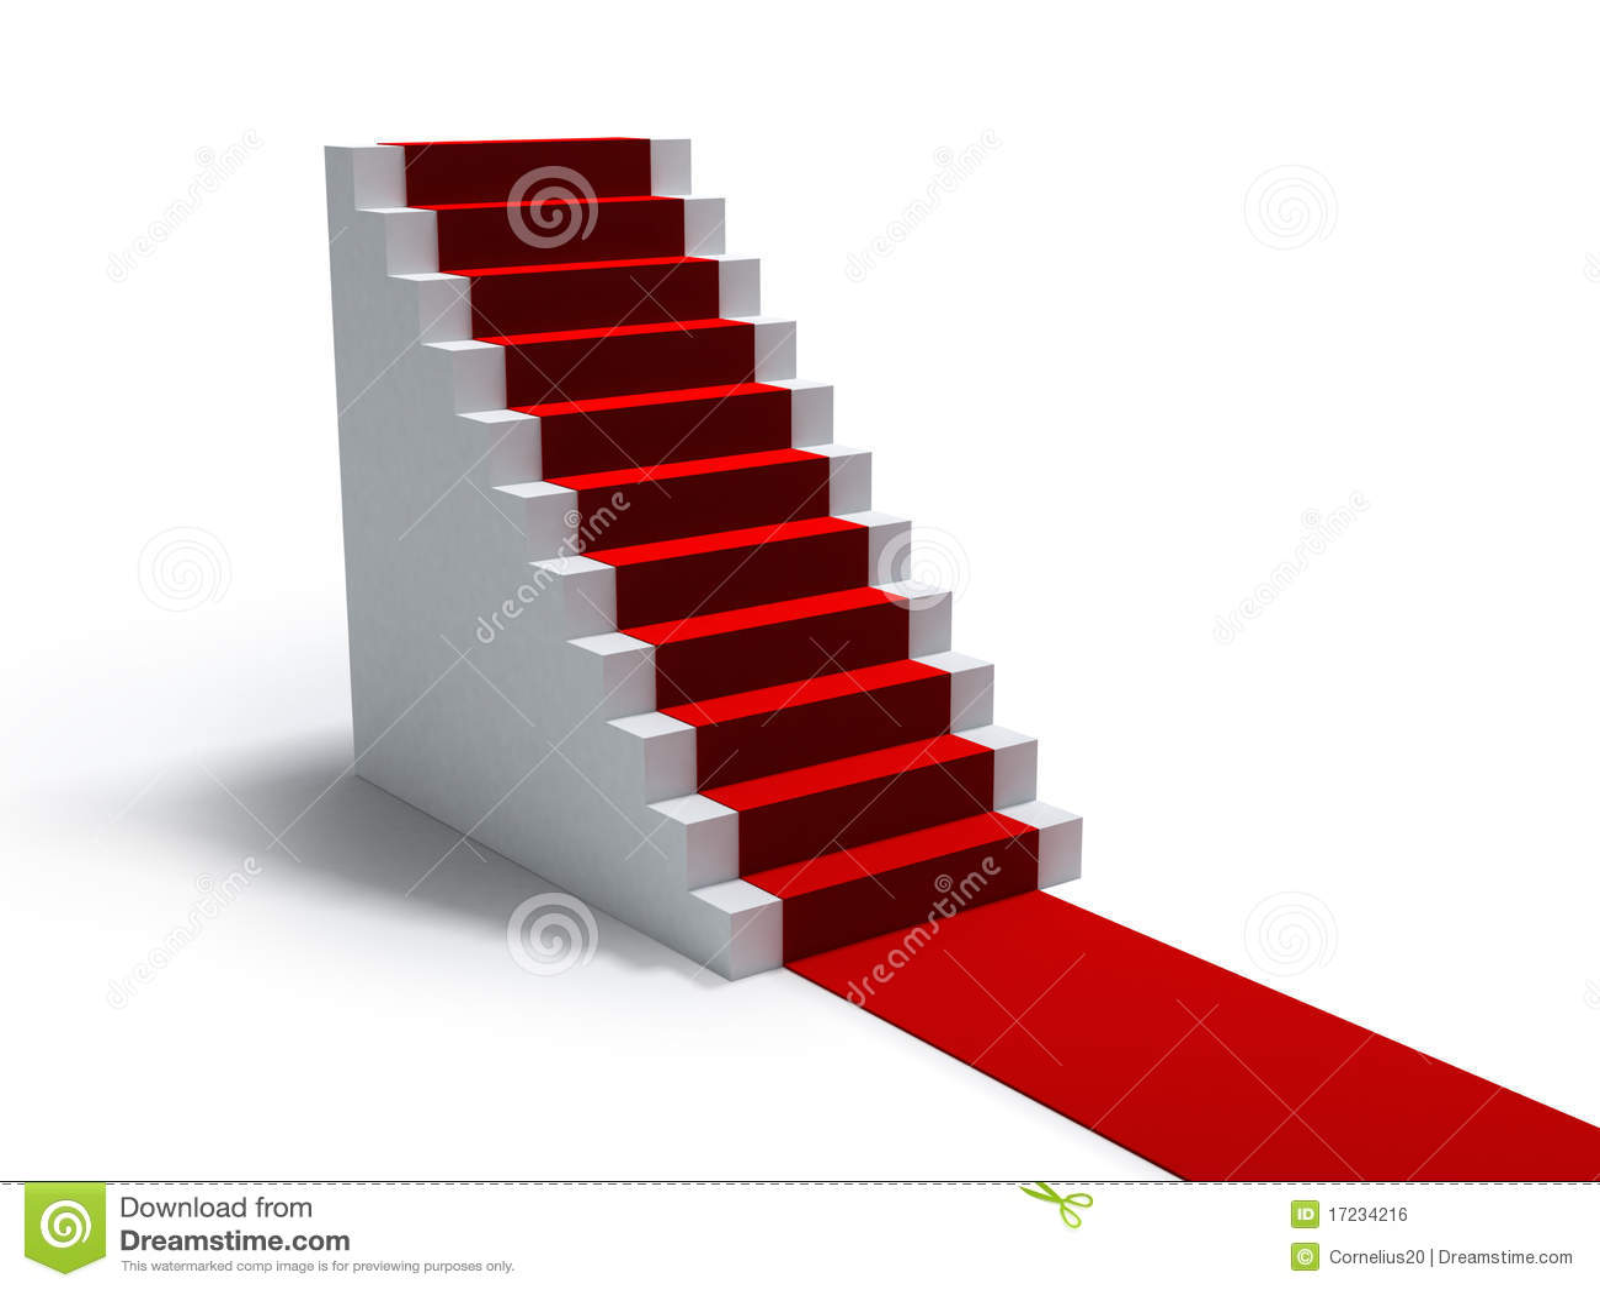 Escaleras y alfombra roja imagen de archivo libre de for Escaleras con alfombra